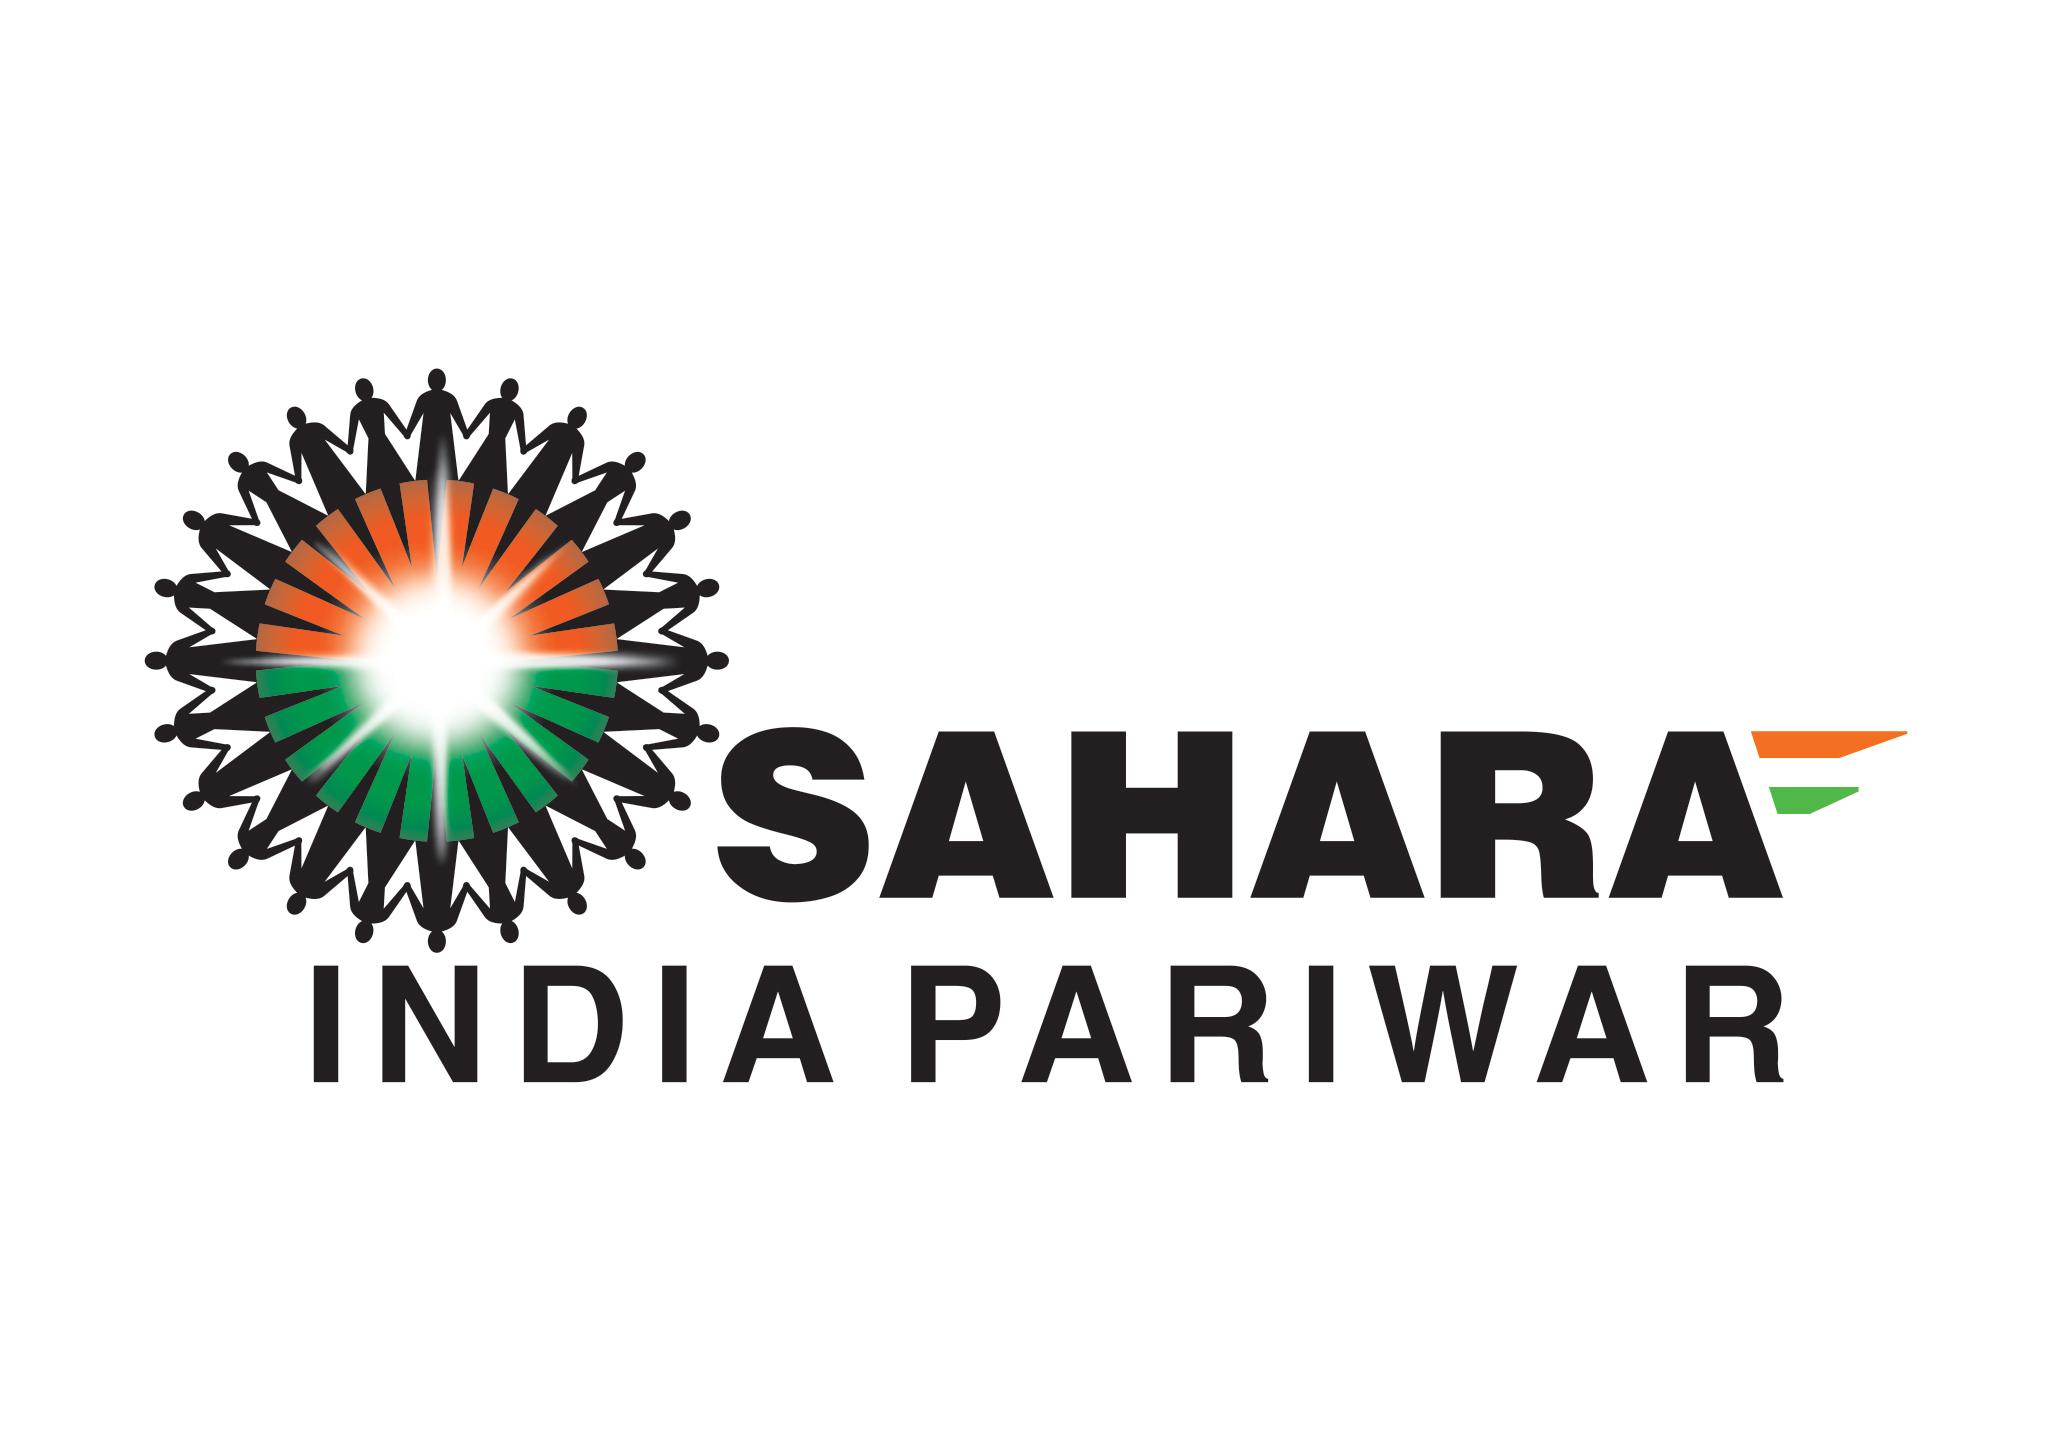 सहारा इंडिया की 101 एकड़ जमीन बेचकर निवेशकों के 12 करोड़ से अधिक लौटाएंगे